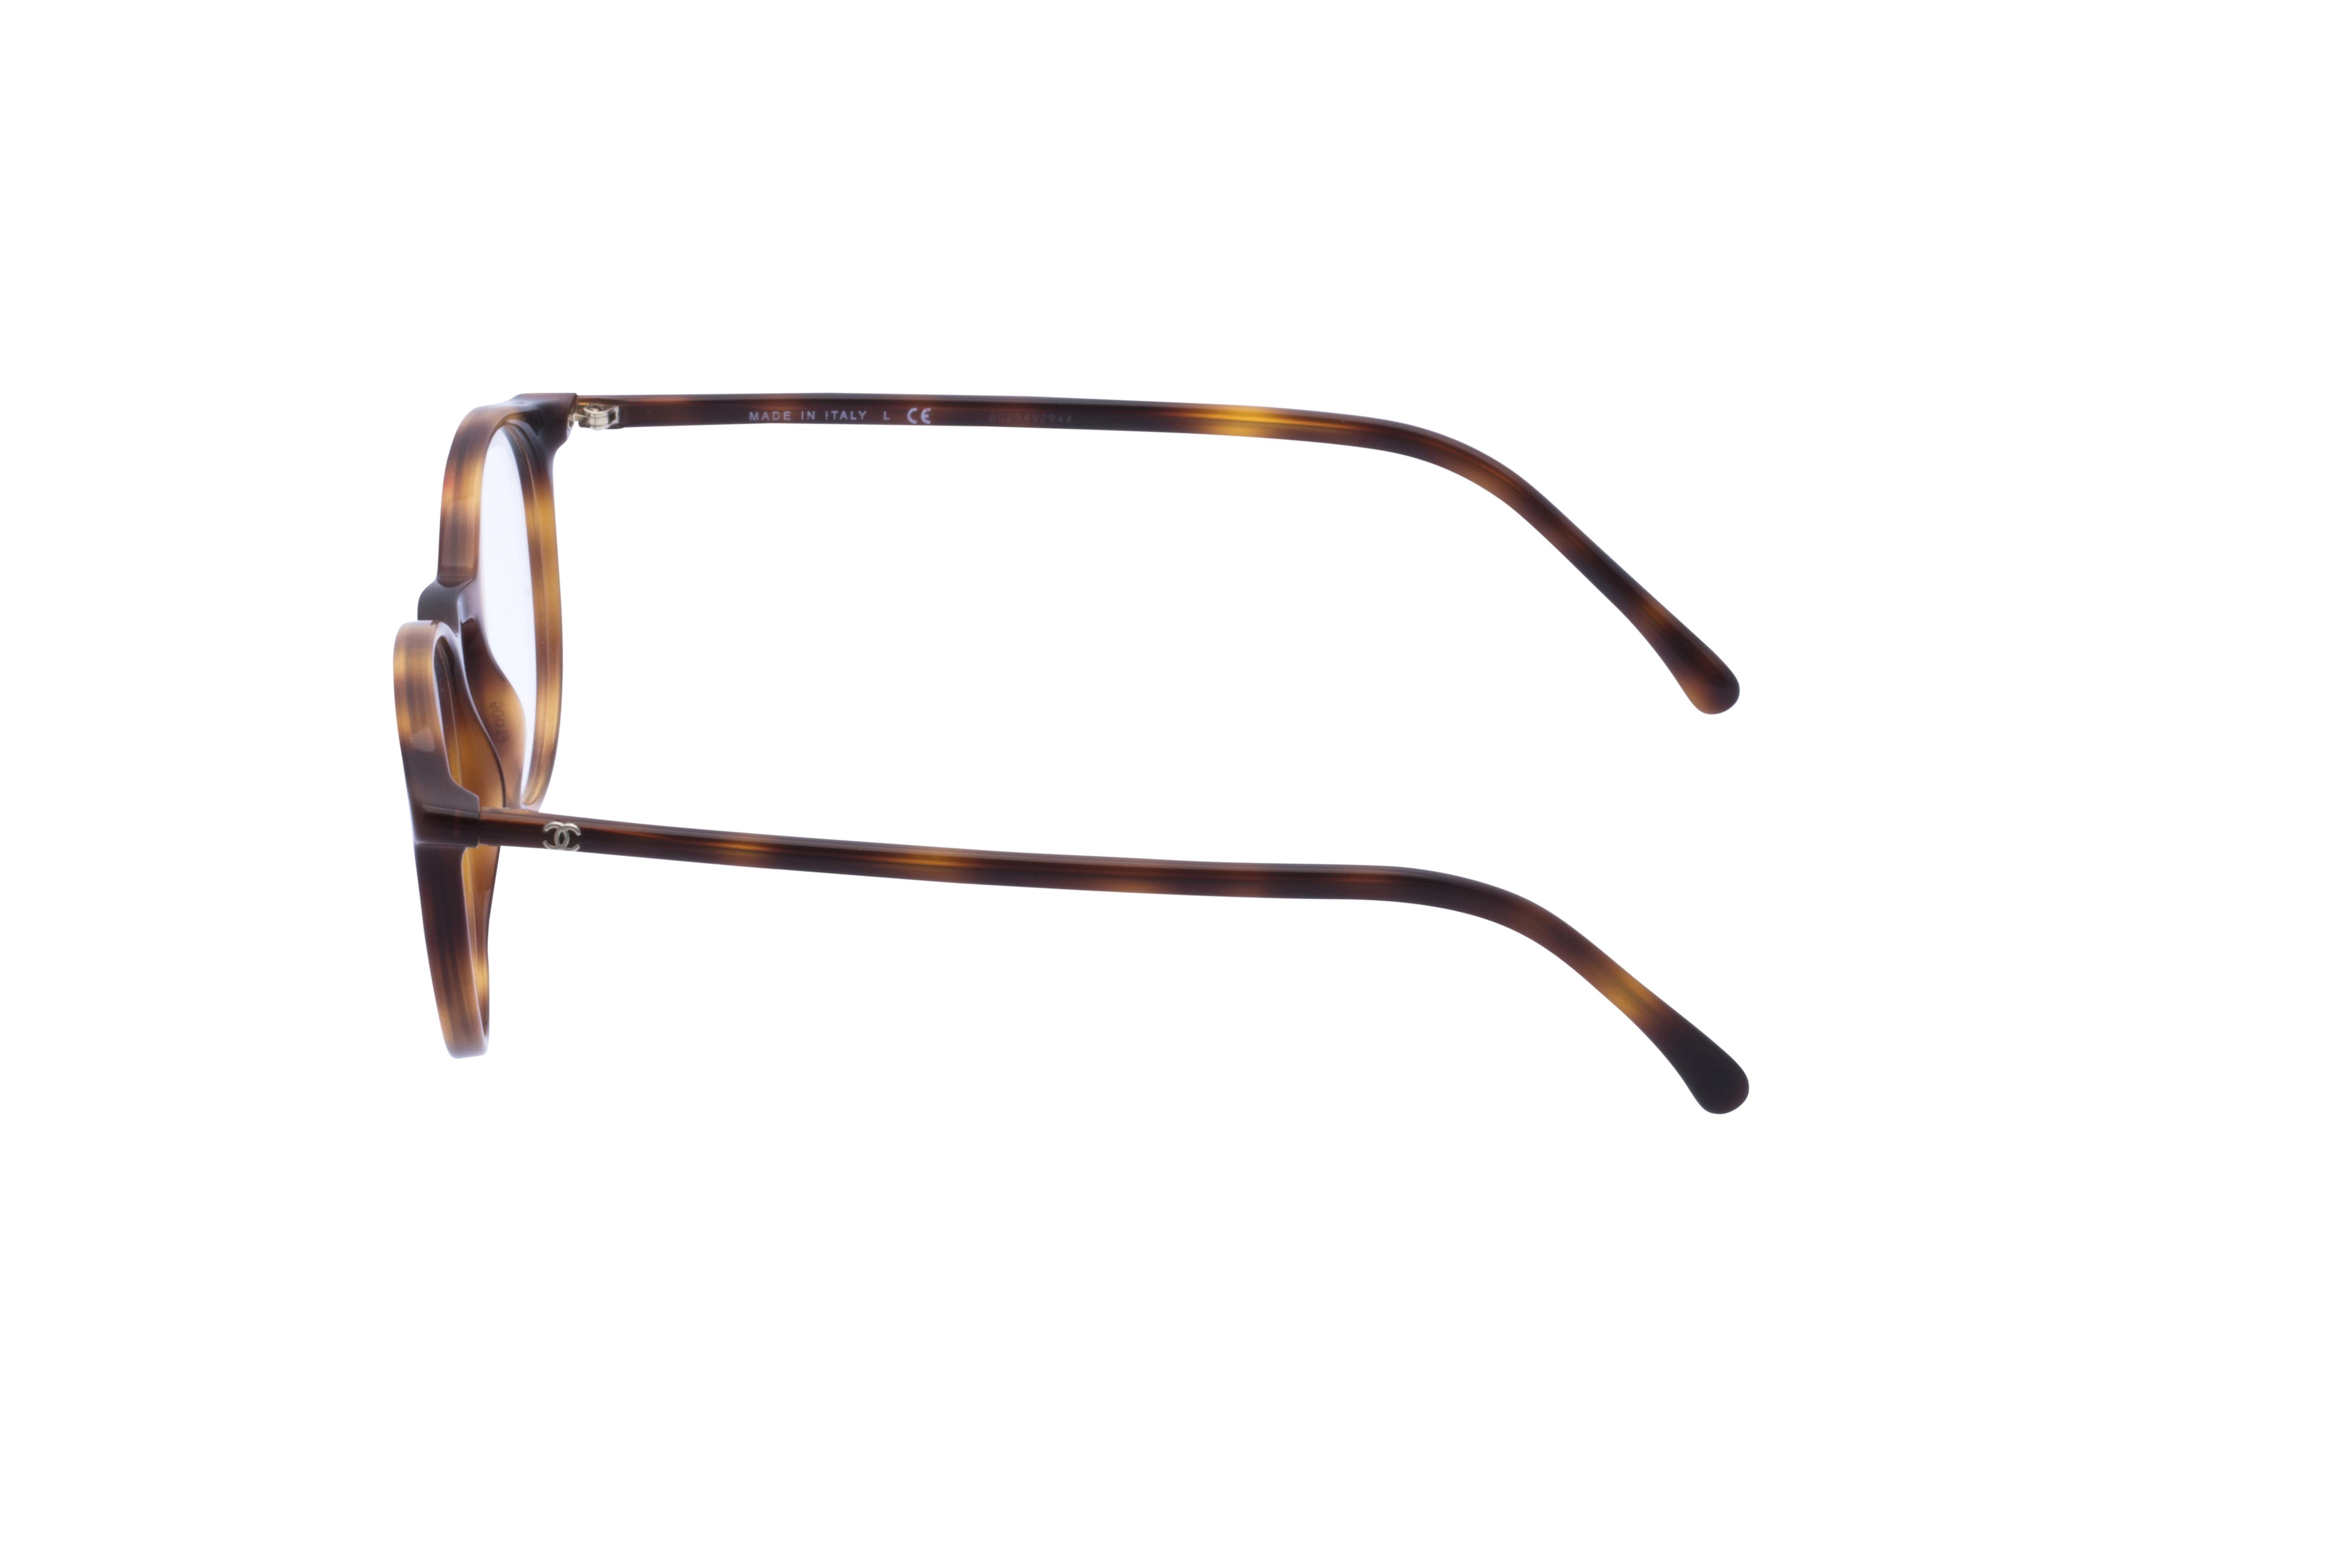 360 Grad Ansicht 18 Chanel 3372 Frontansicht, Brille auf Weiß - Fassung bei KUNK